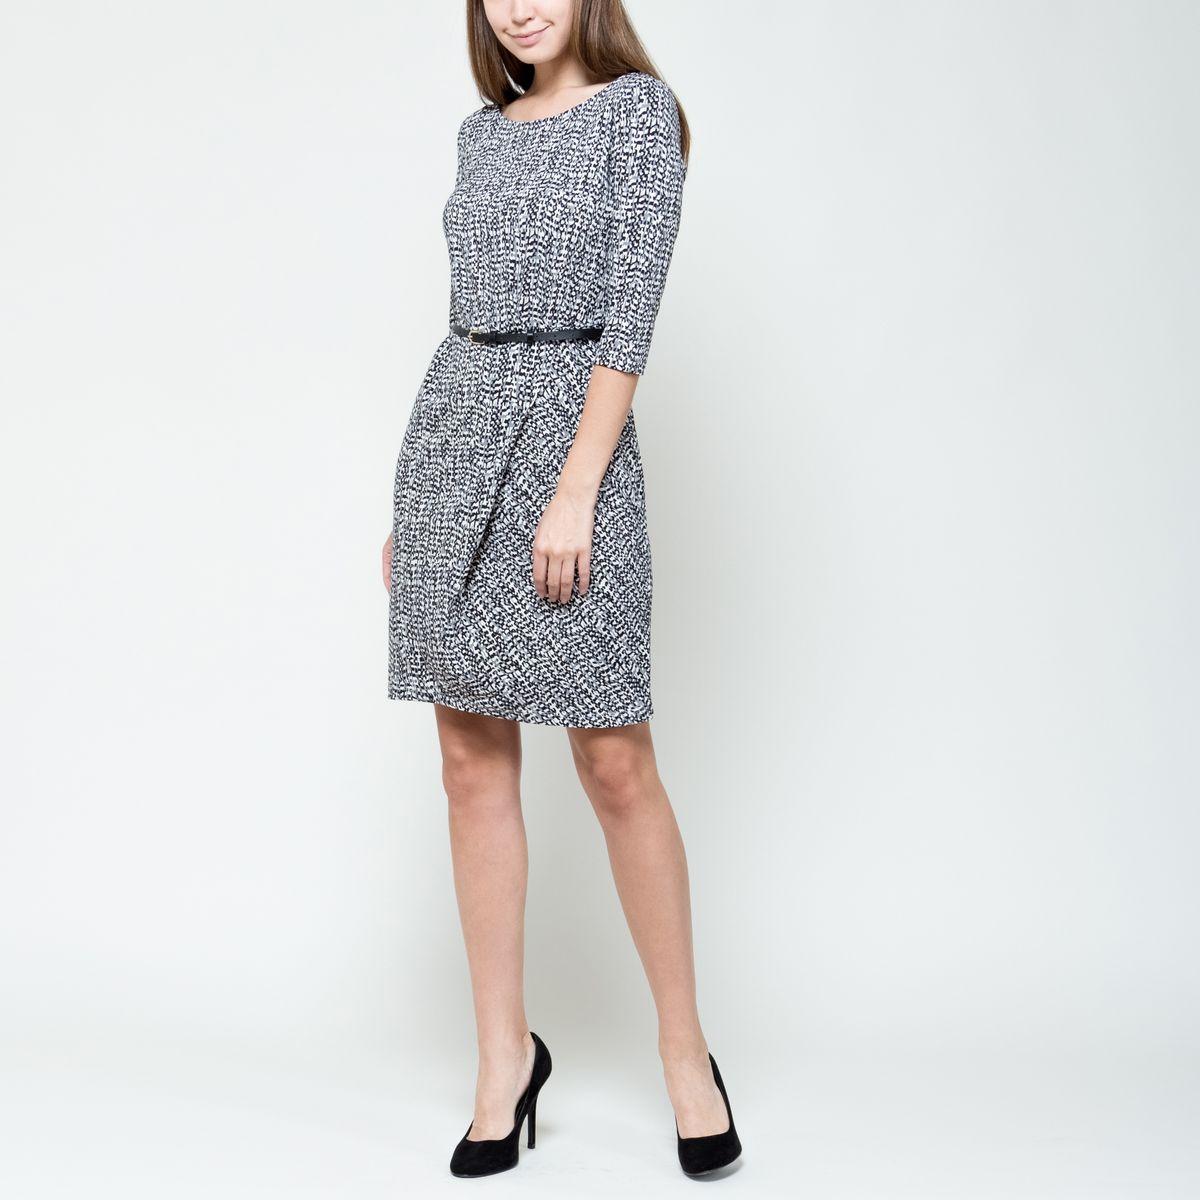 Платье Sela, цвет: черный, серый, белый. DK-117/1017-6391. Размер XL (50)DK-117/1017-6391Модное платье Sela выполнено из эластичного полиэстера.Платье-миди с круглым вырезом горловины и рукавами 3/4 оформлено оригинальным принтом. На талии изделие дополнено стильным ремнем с металлической пряжкой.